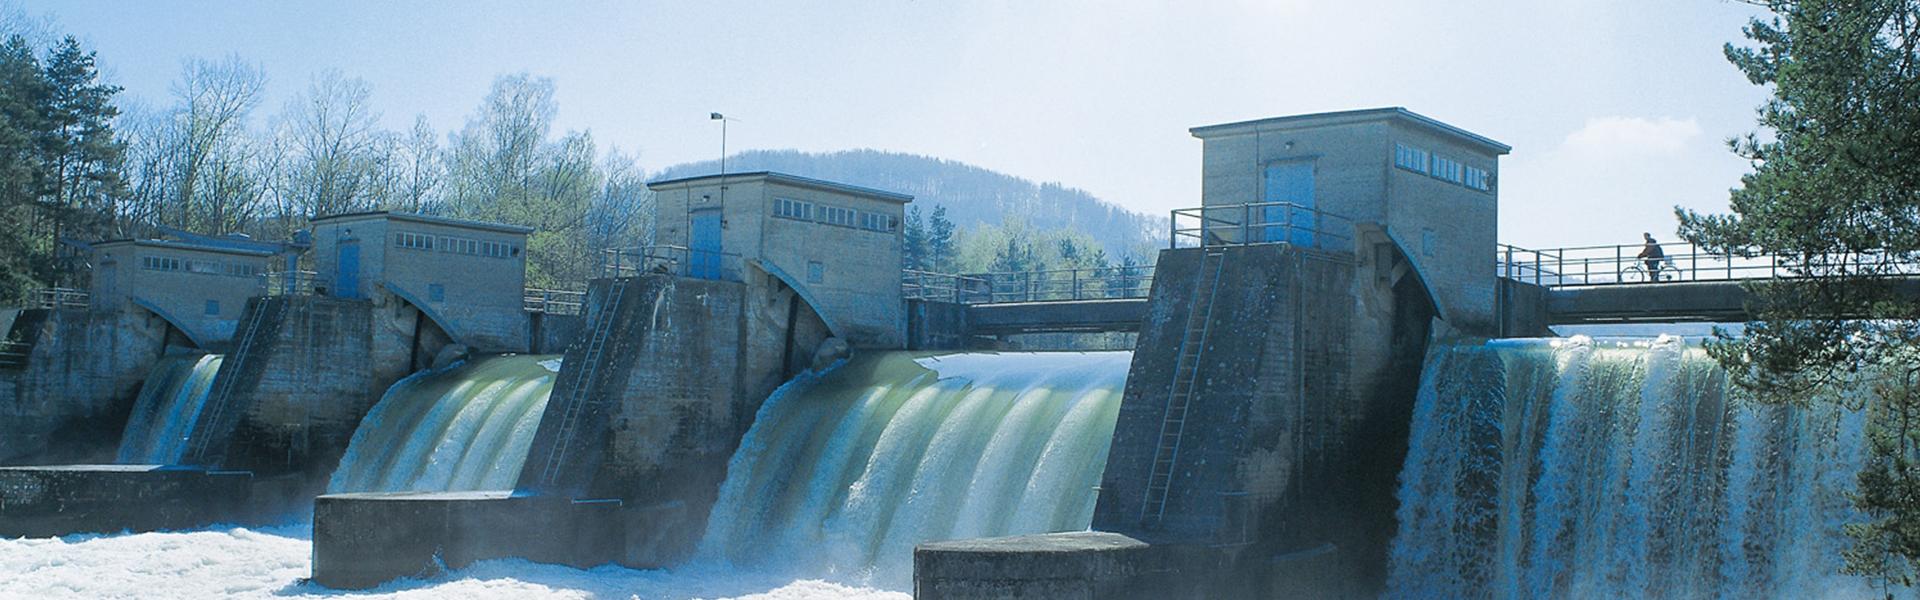 Erzeugungsanlage Wasserkraftwerk